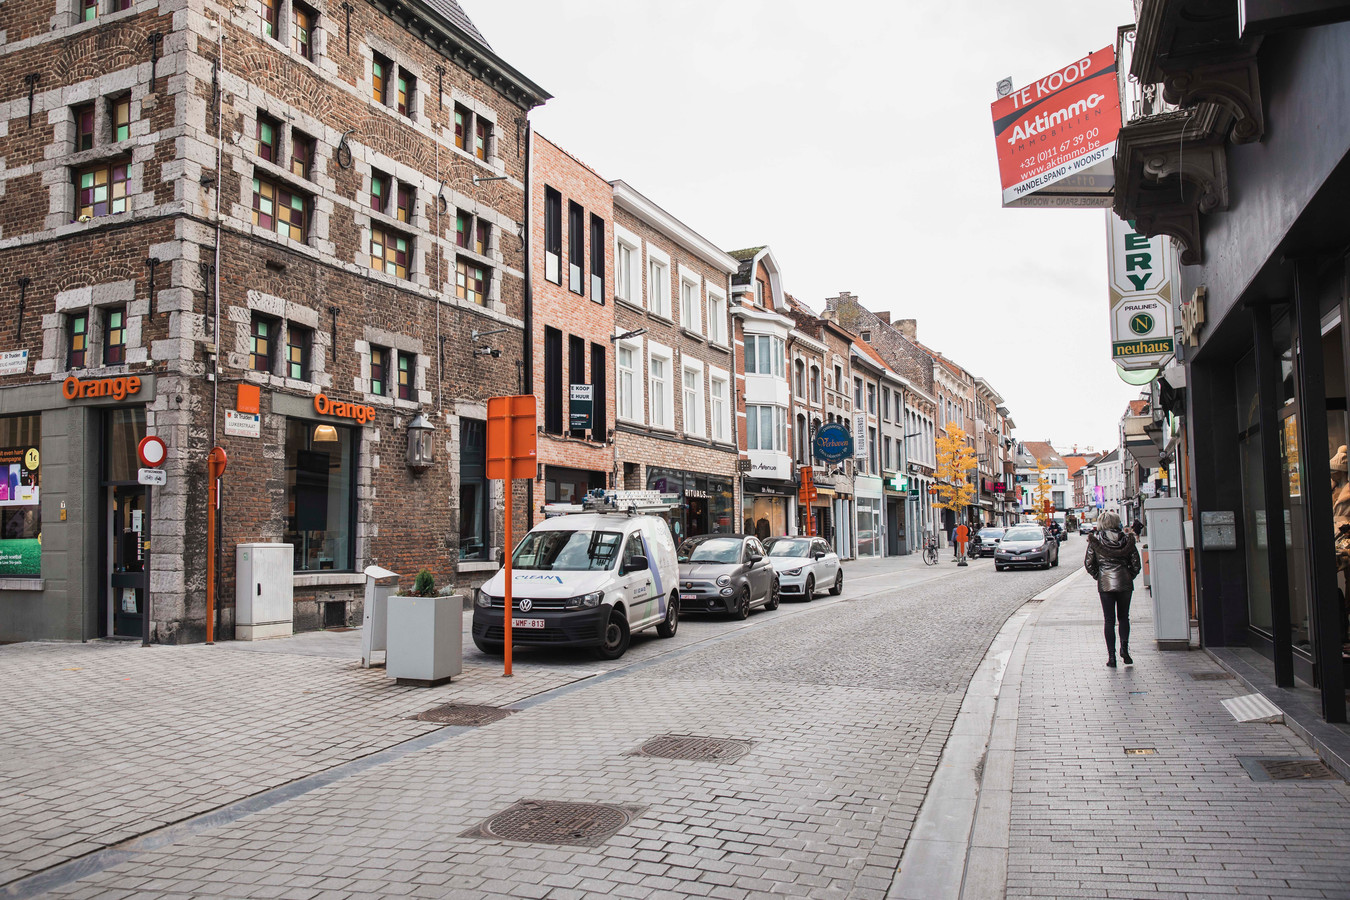 Stad Sint-Truiden wil haar inwoners en bezoekers aanmoedigen om lokaal te shoppen en verlengt daarom haar parkeerinitiatief tot eind december.